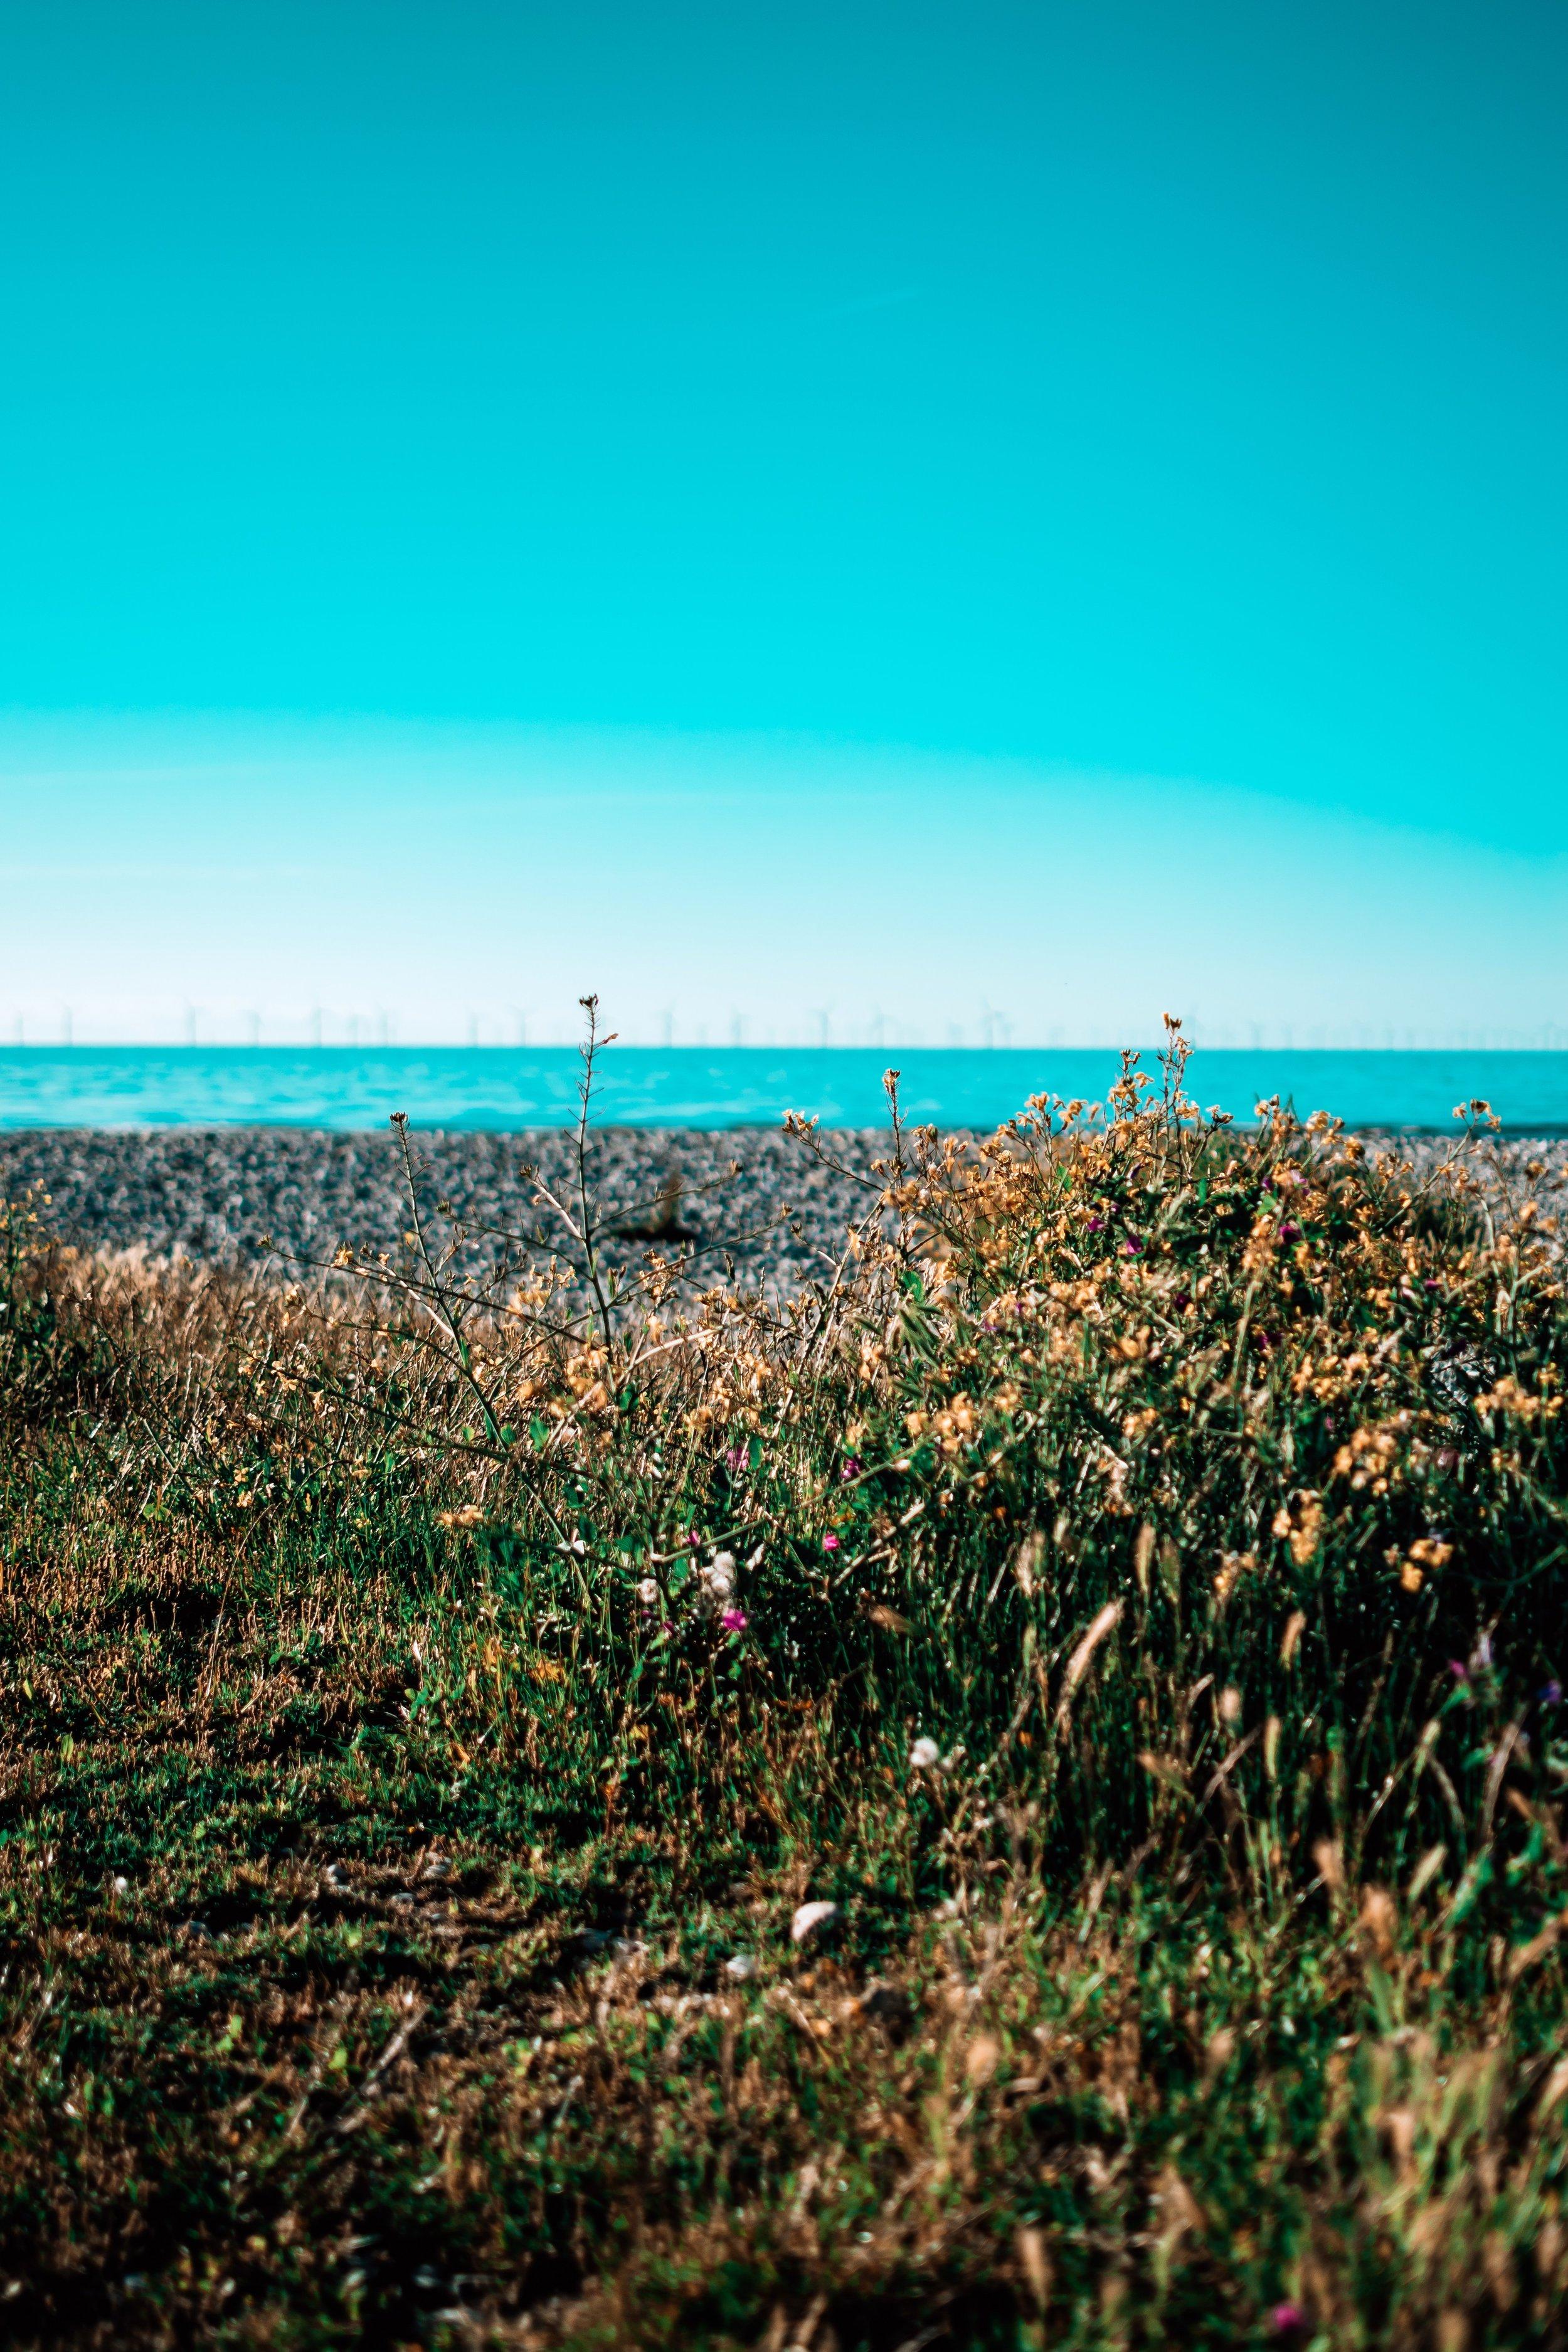 beach-bloom-blooming-2533788.jpg